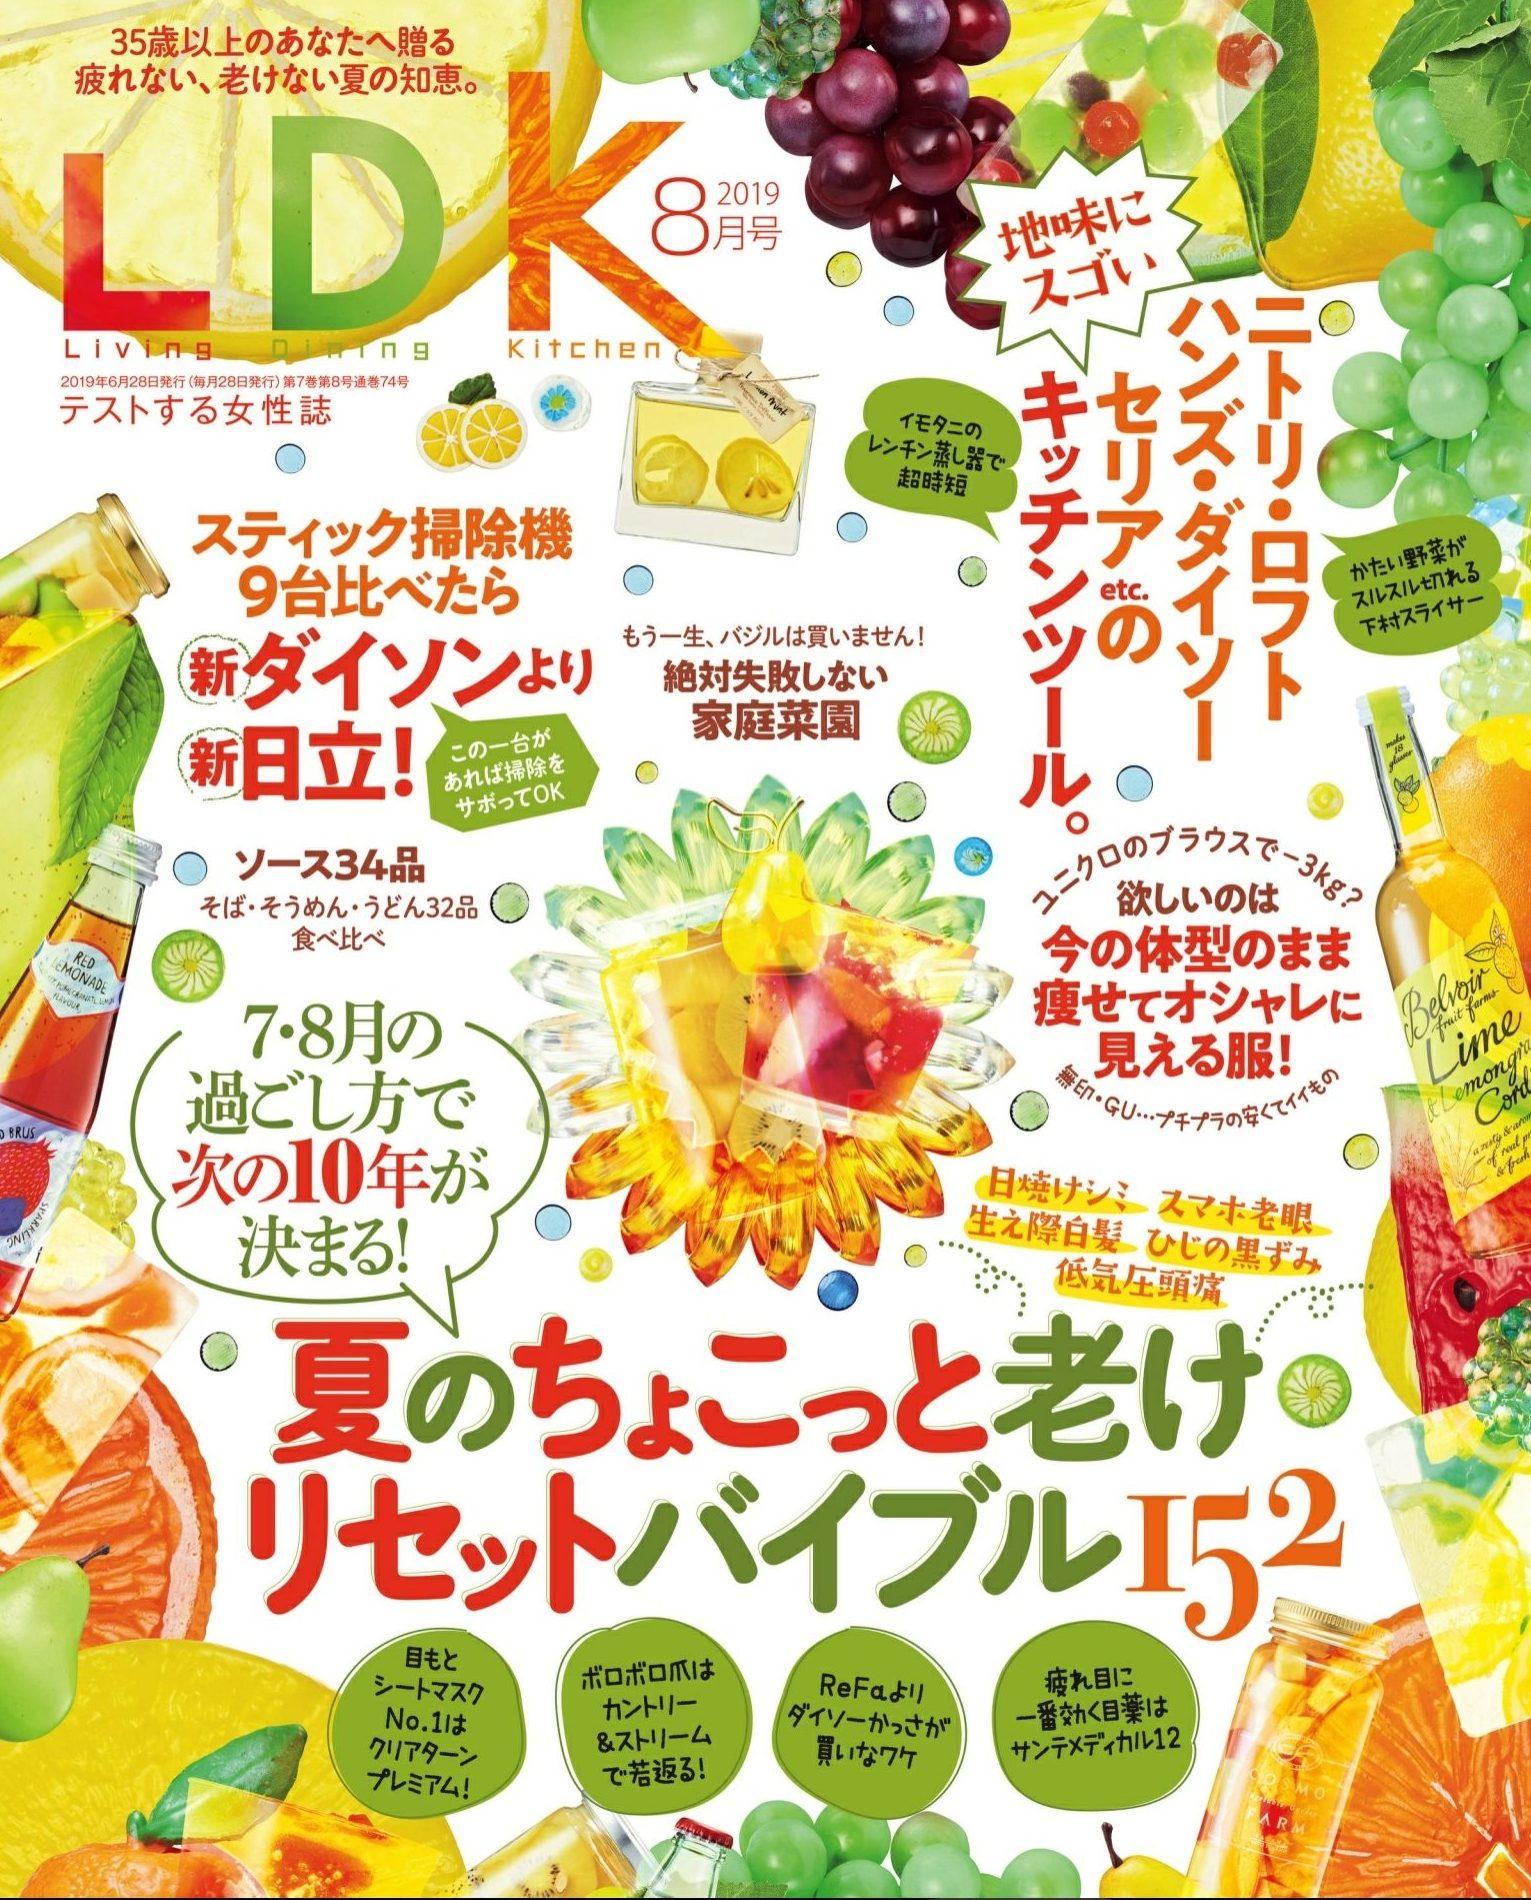 【LDK】2019.8月号表紙